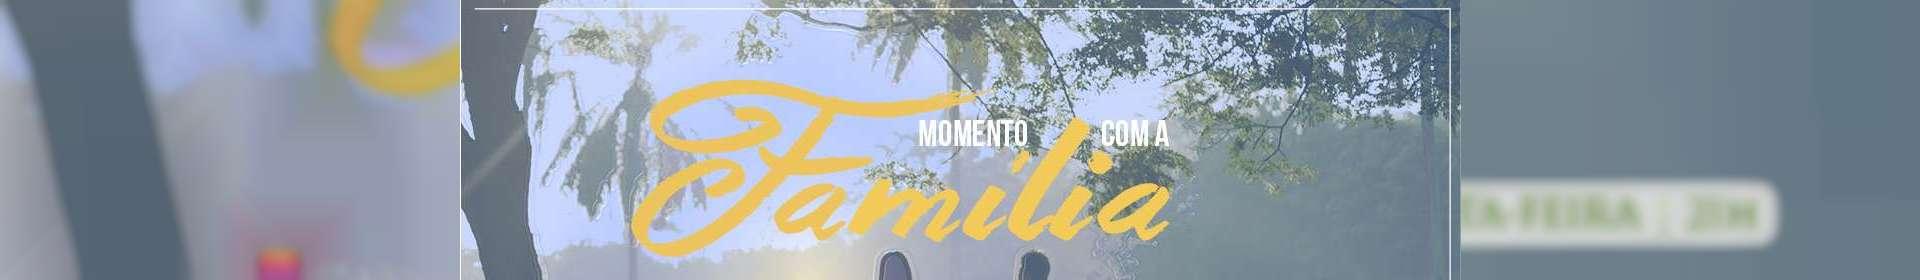 Culto Momento com a Família - 26/06/2020